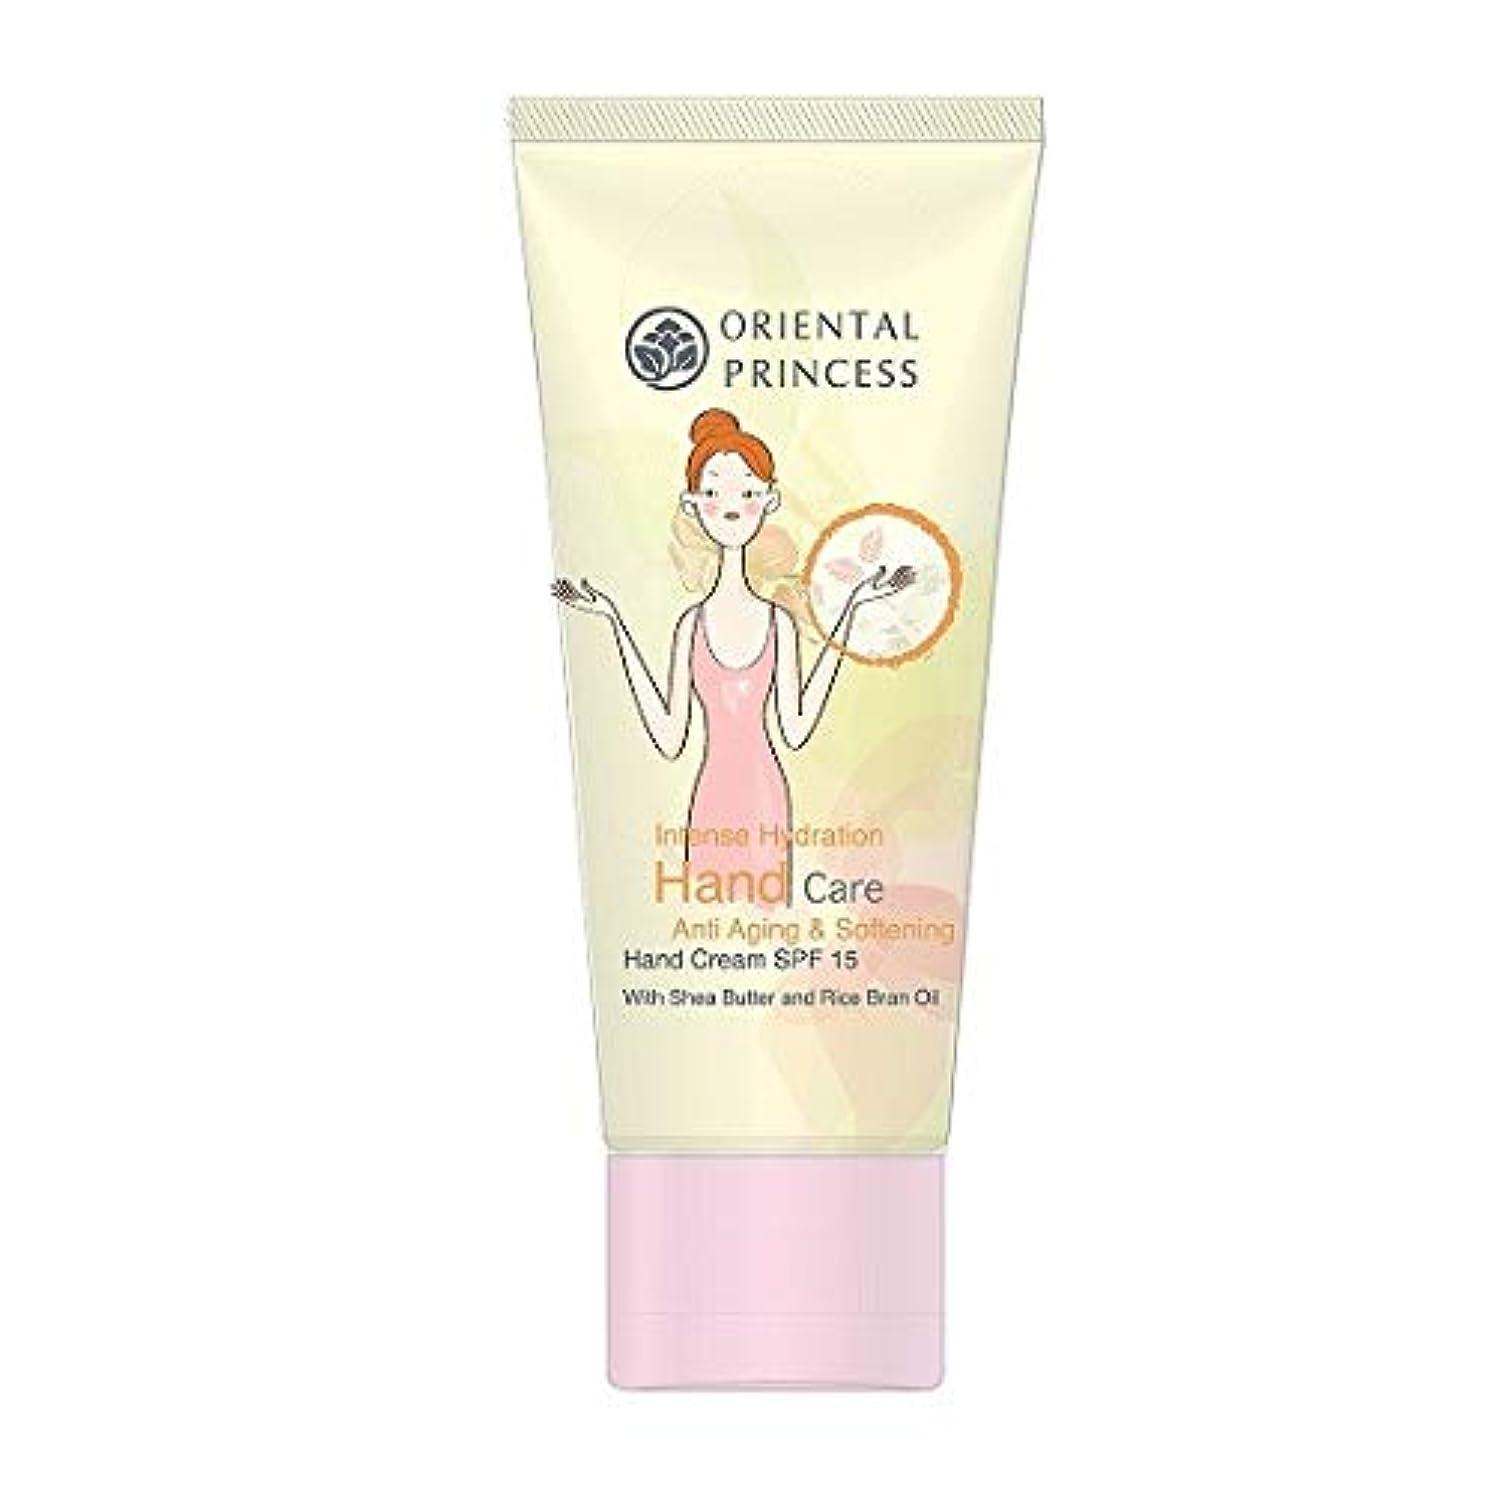 失われたゲートウェイまつげOrient Princess Intense Hydration Hand Care Anti Aging & Softening Hand Cream SPF 15 75g